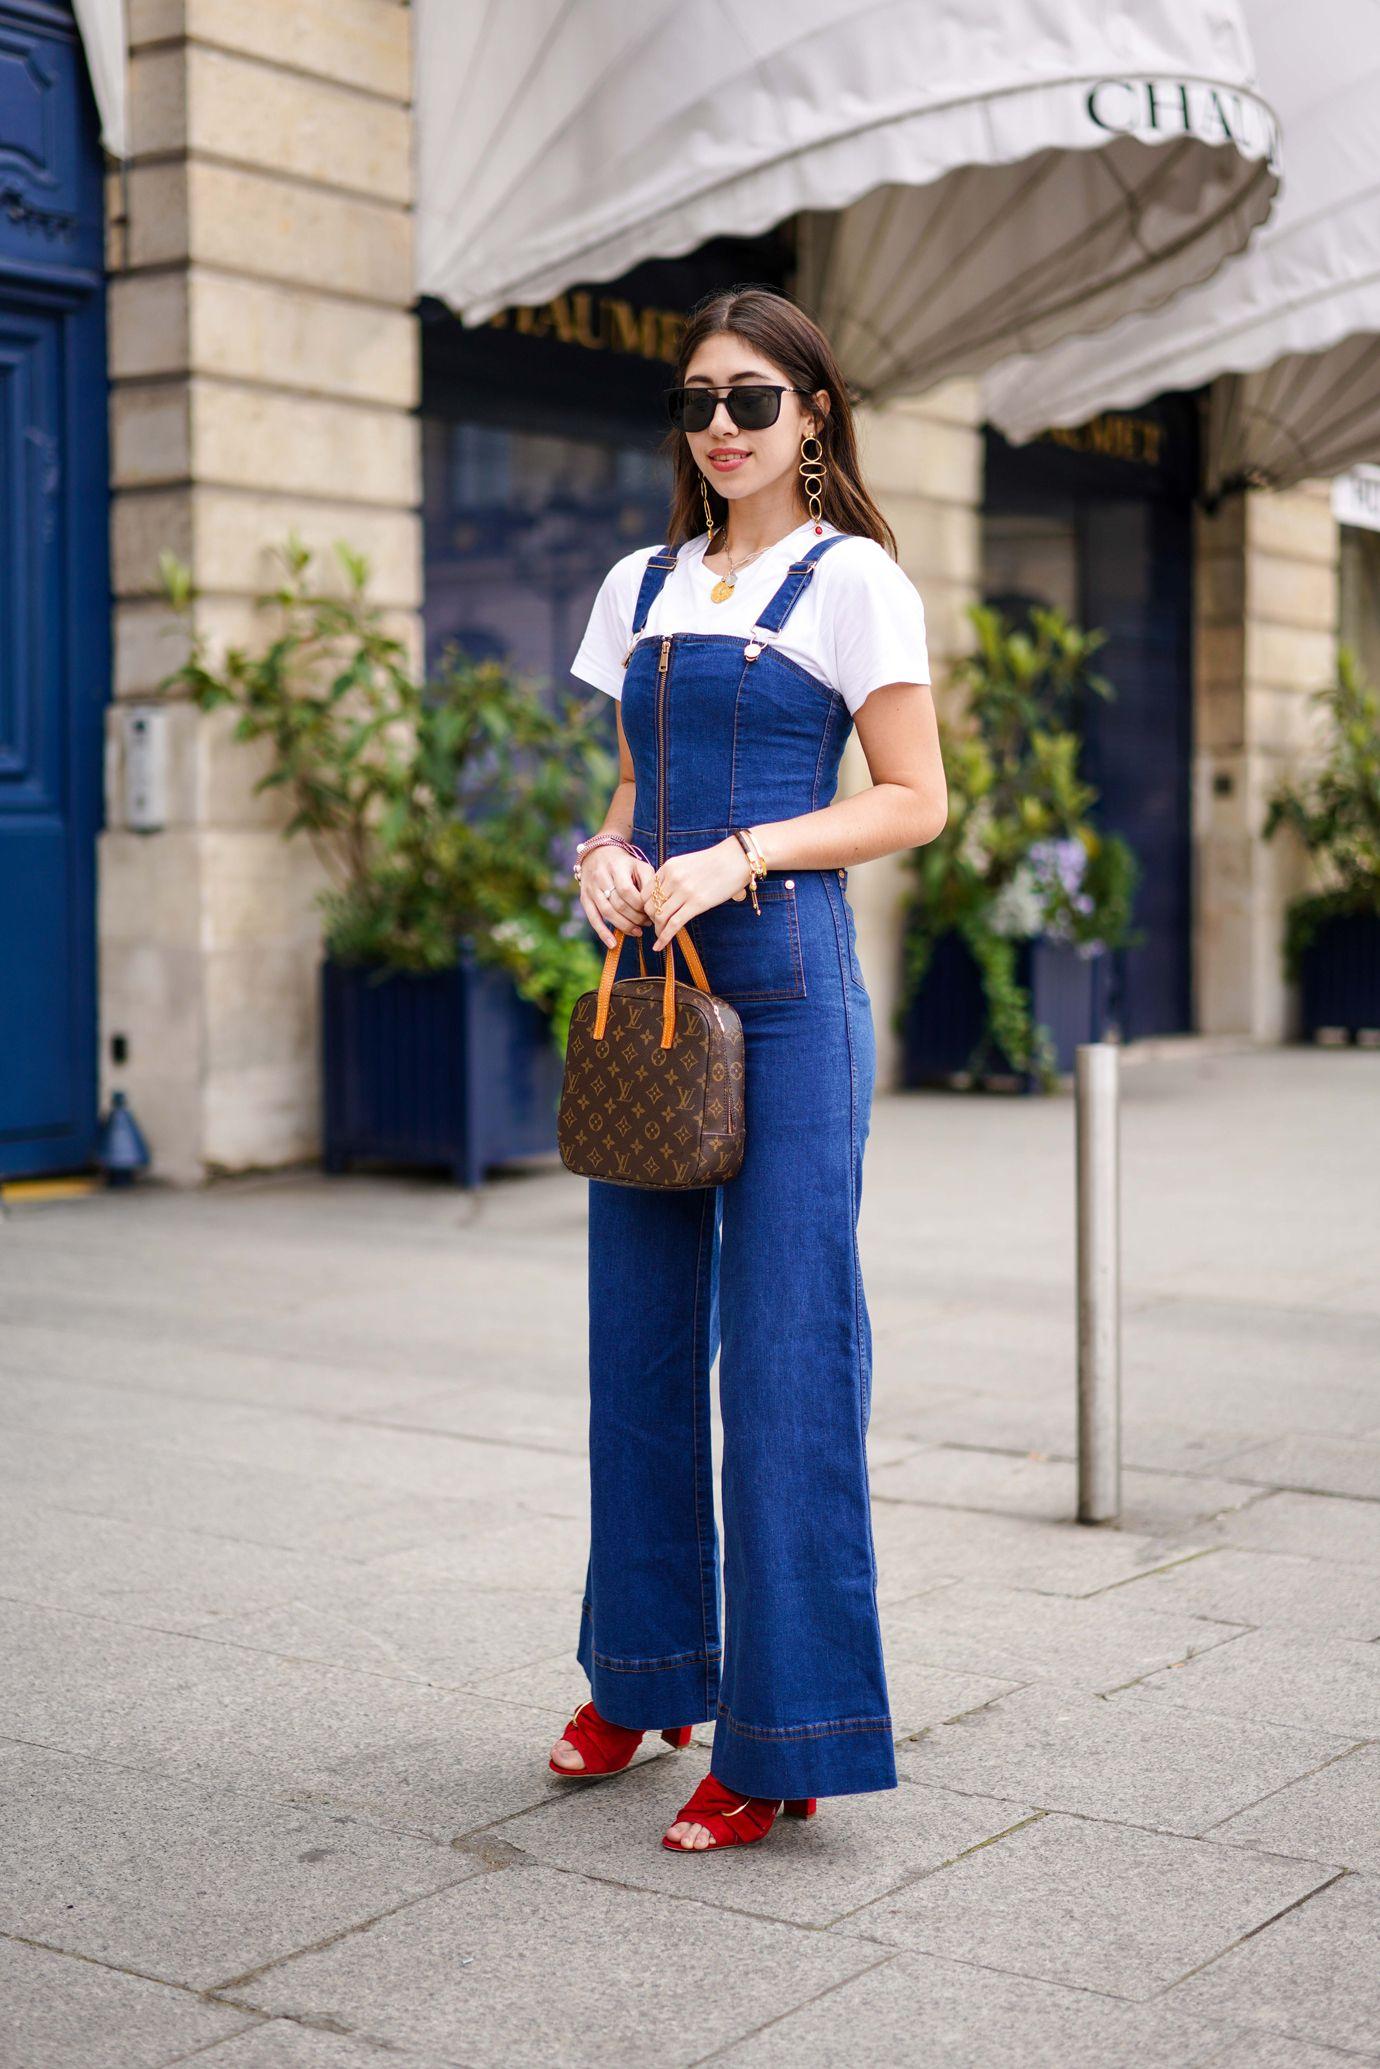 cb5540ffeb nel 12 differenza estivo look jeans che salopette la fanno rUrvY17